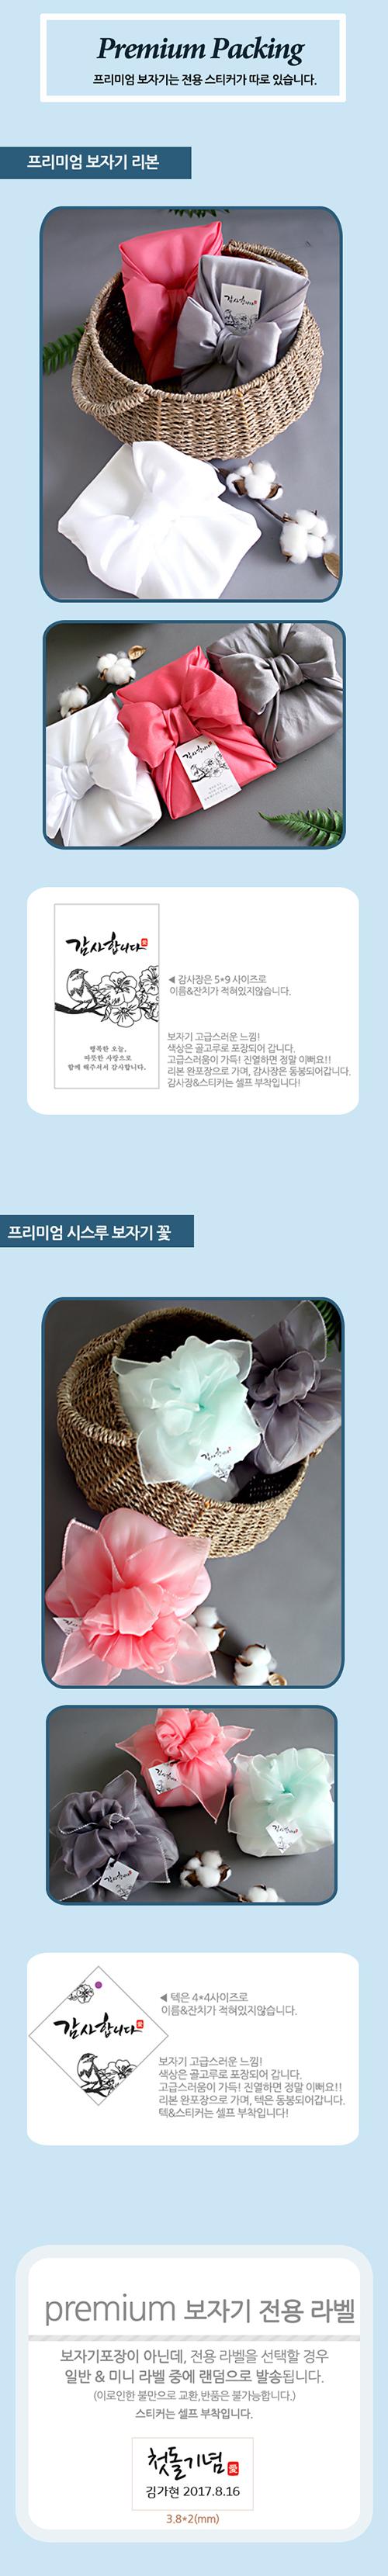 newbox3.jpg